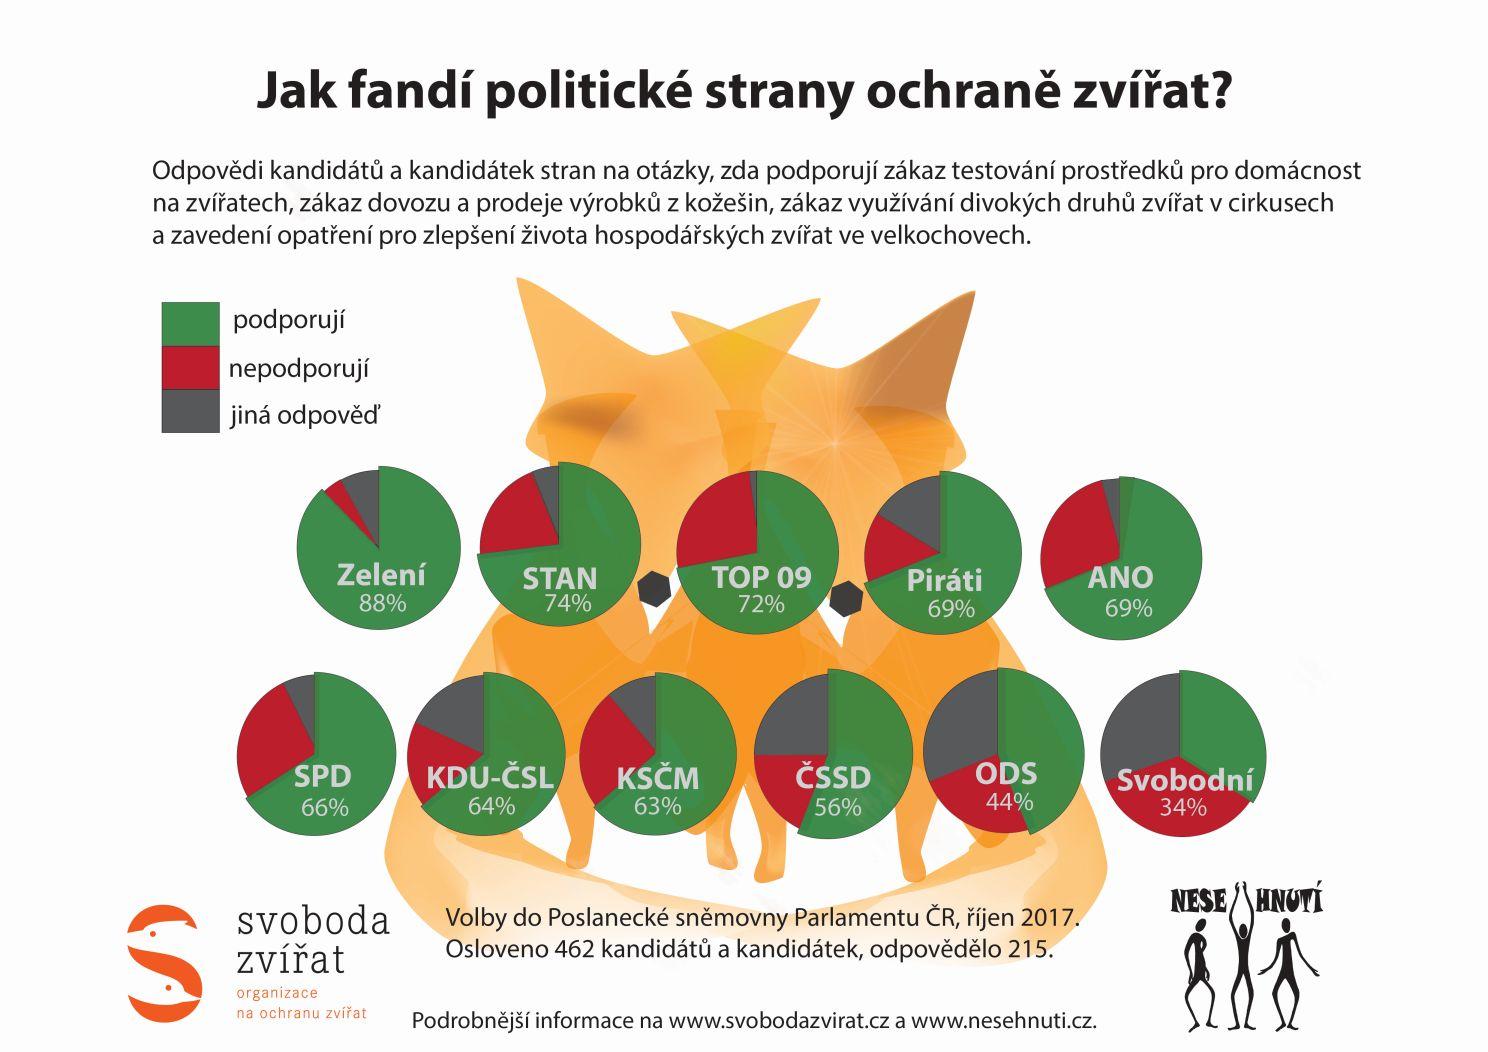 Ochraně zvířat nejvíce fandí Zelení, STAN a TOP 09